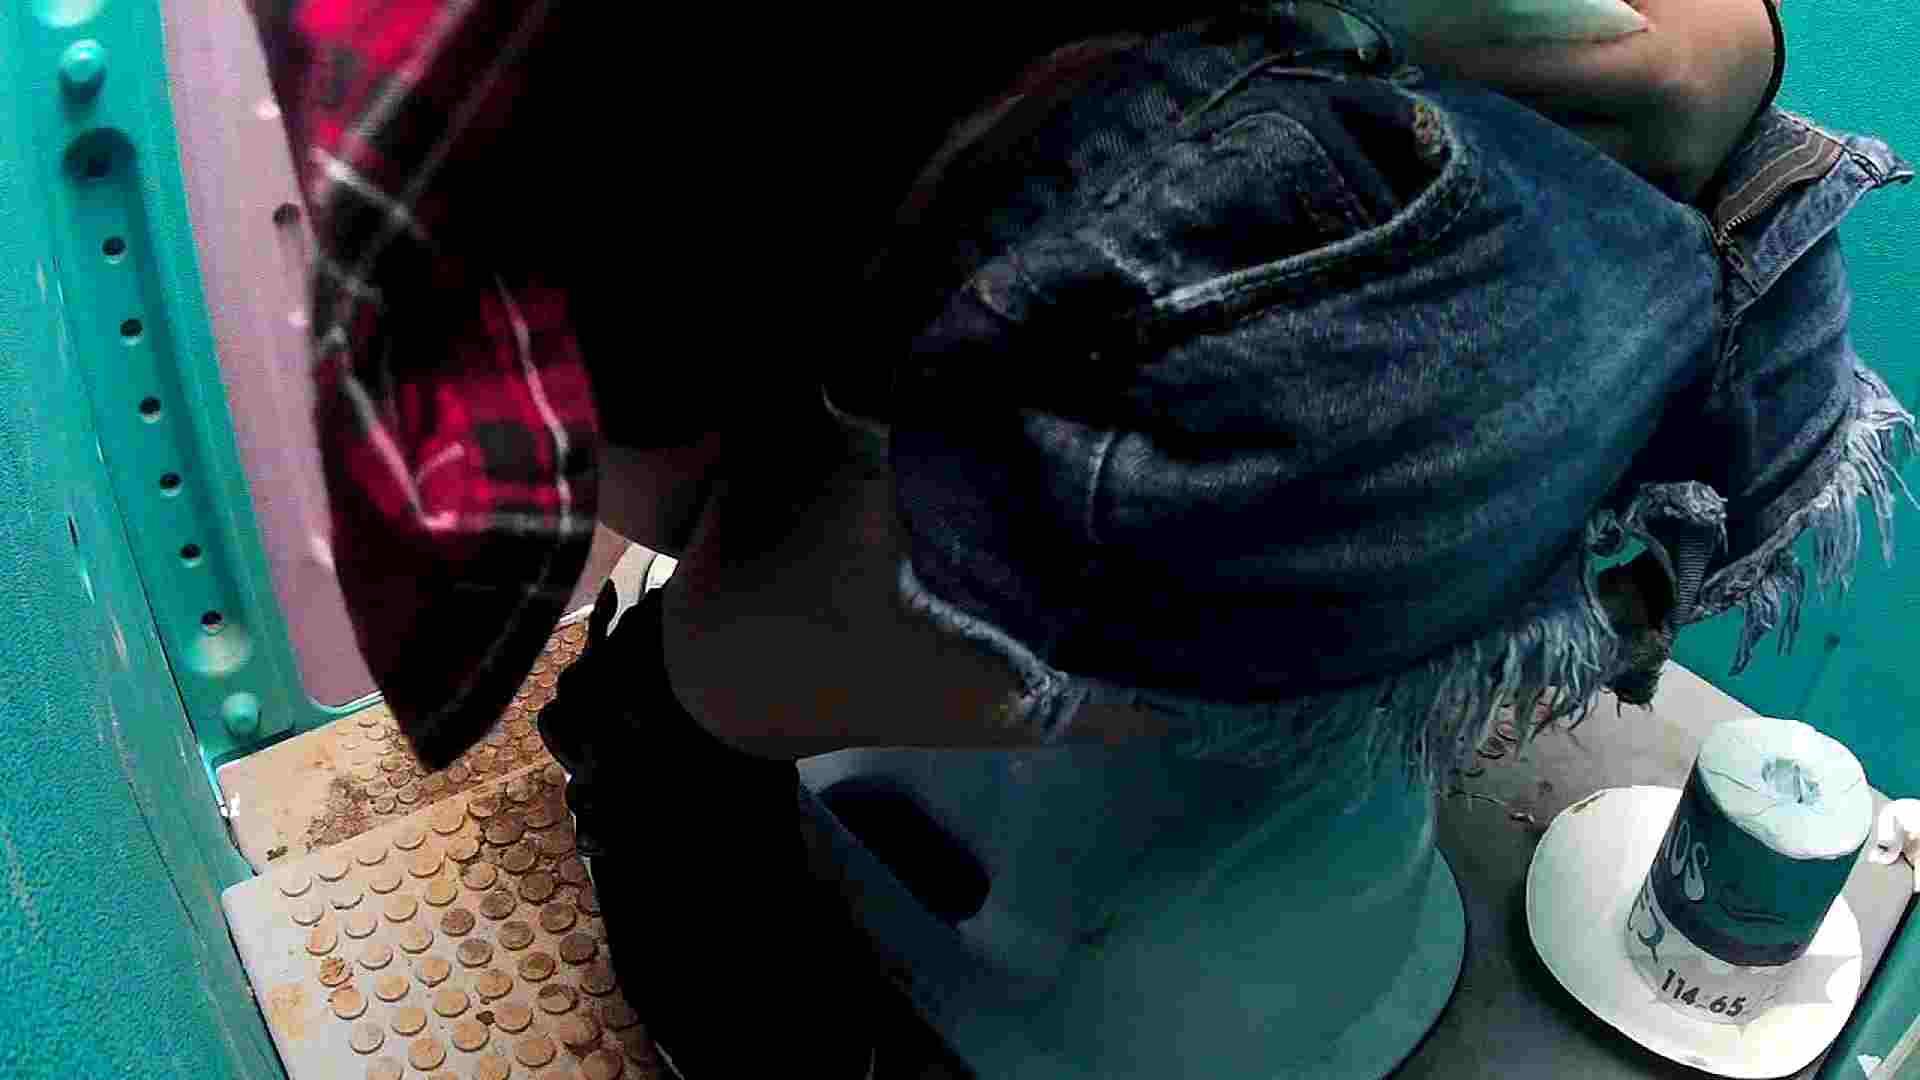 痴態洗面所 Vol.06 中が「マジヤバいヨネ!」洗面所 高画質動画 オメコ動画キャプチャ 46画像 19